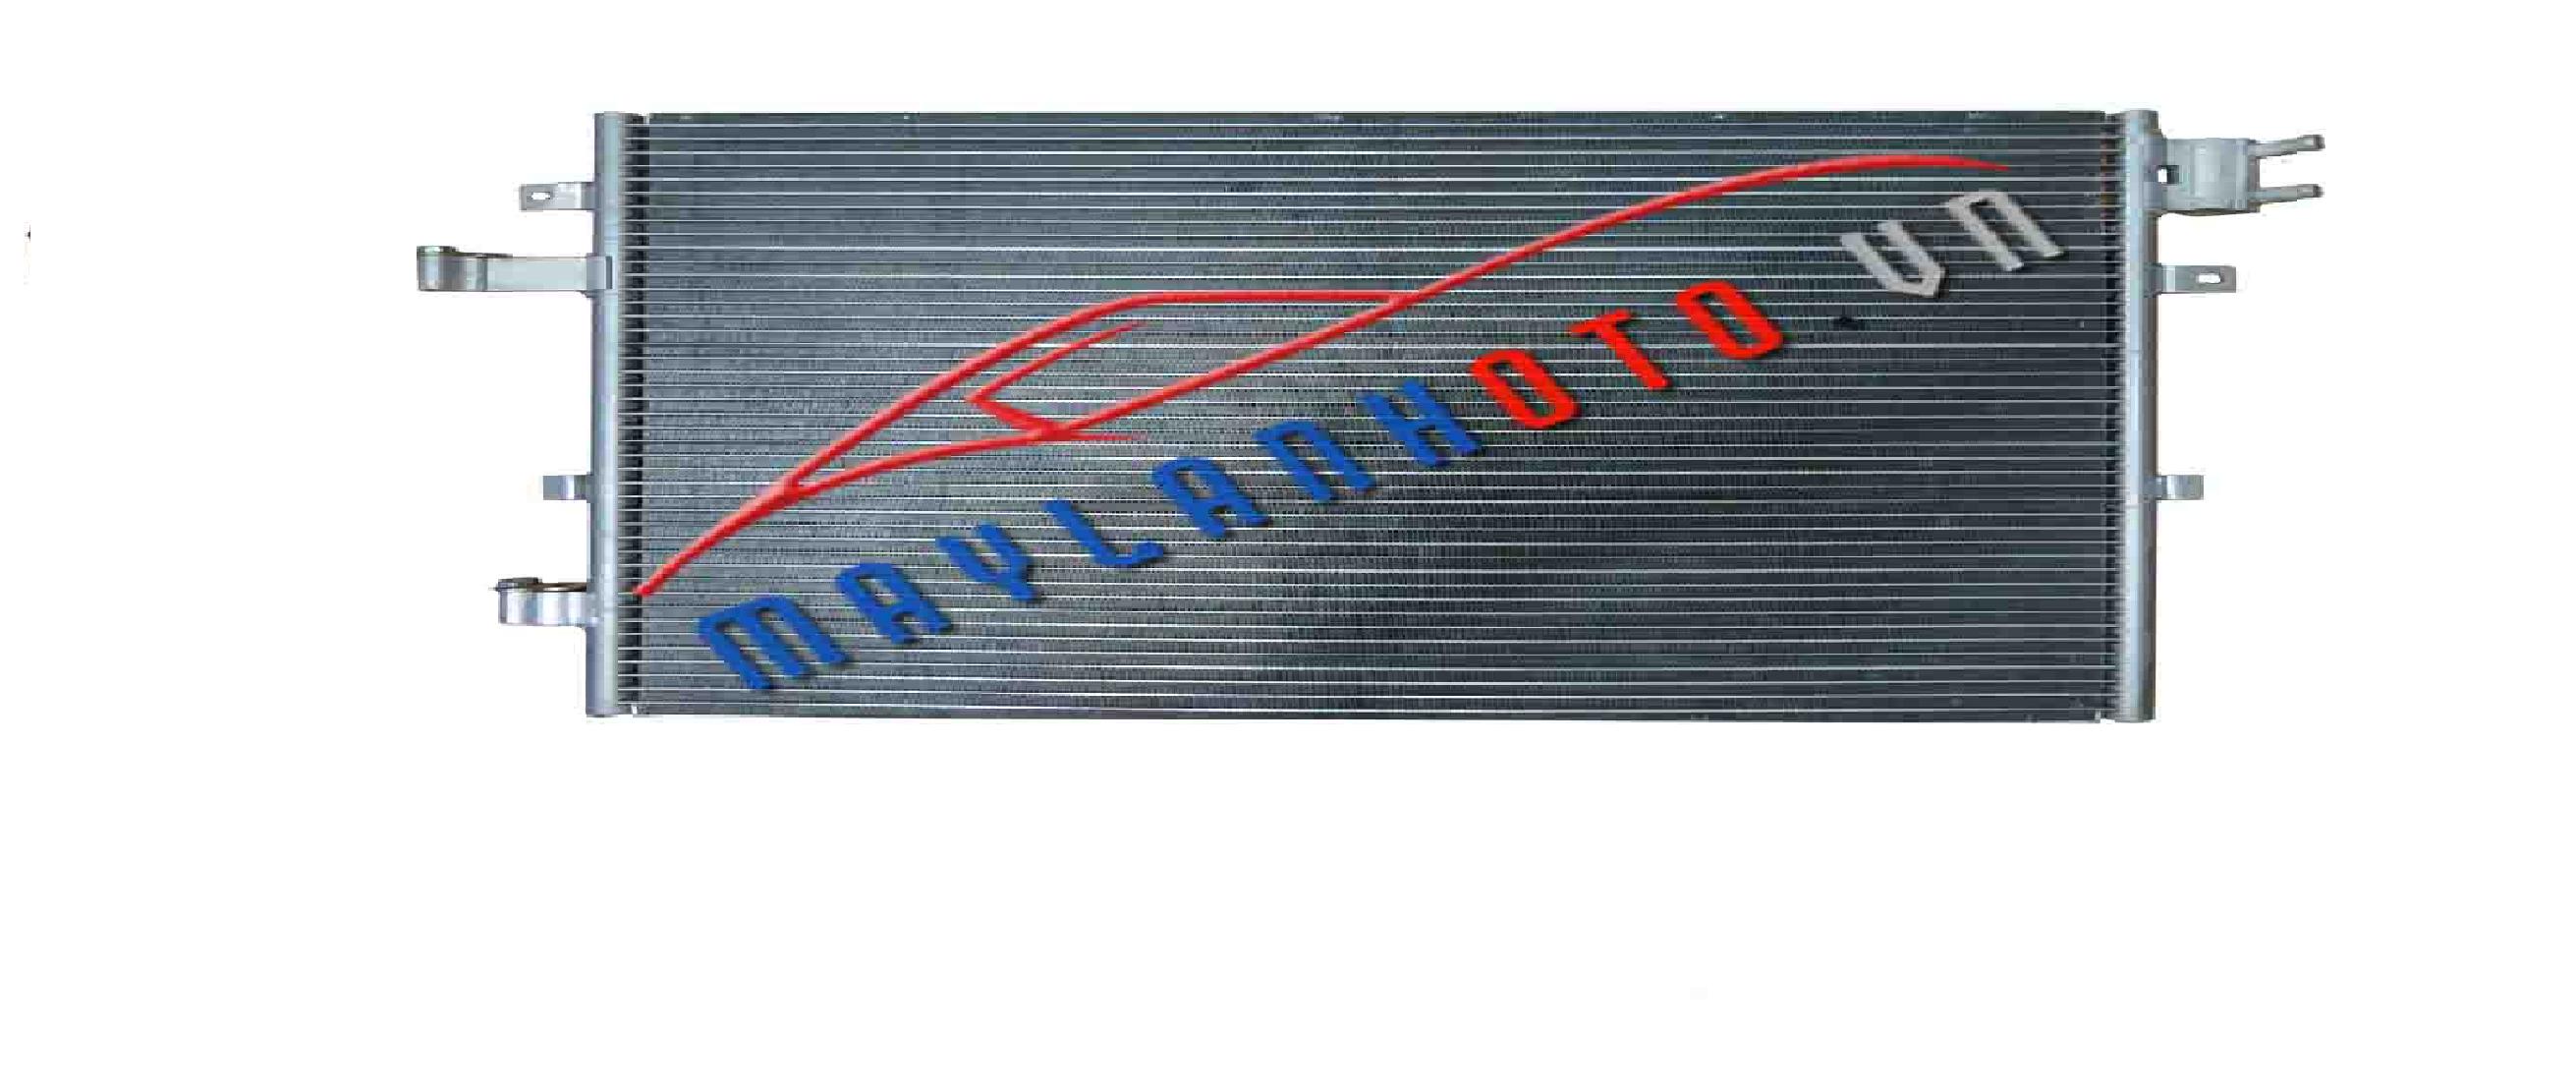 Mondeo 2.5 / Dàn nóng điều hòa Ford Mondeo 2.5 / Giàn nóng điều hòa Ford Mondeo 2.5